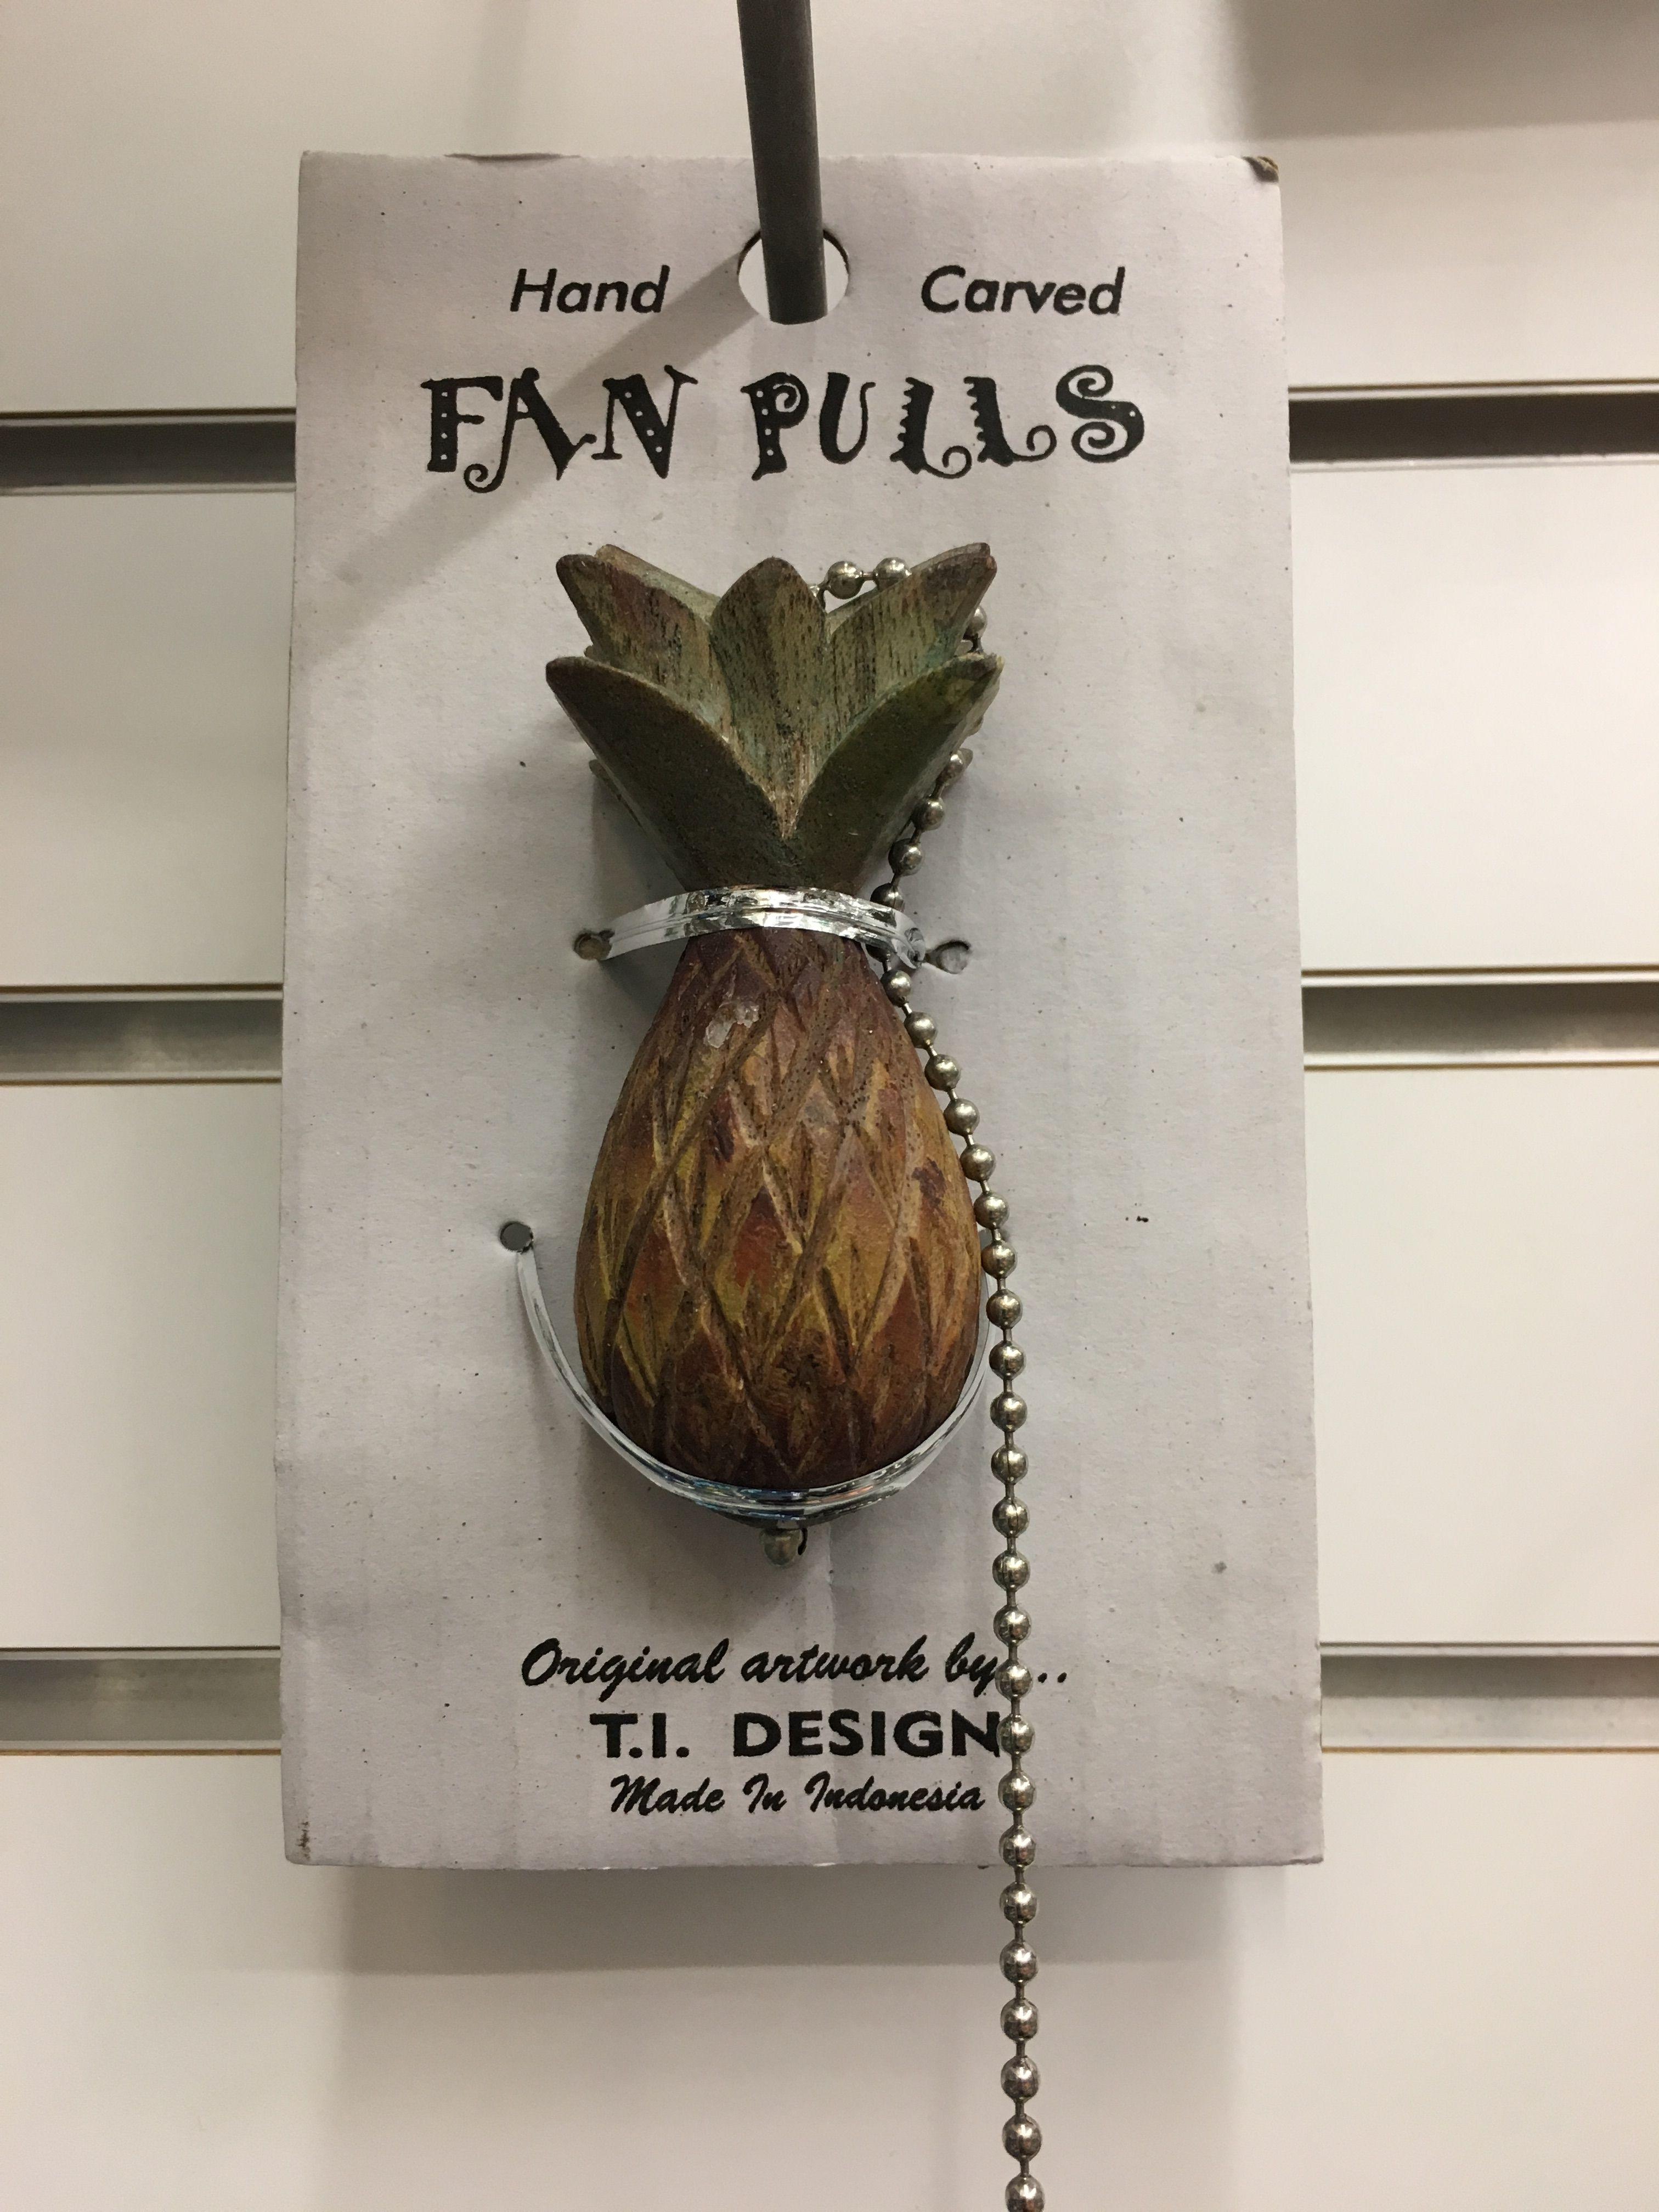 Pin by natalie loeffler on h o m e pinterest pineapple stuffing